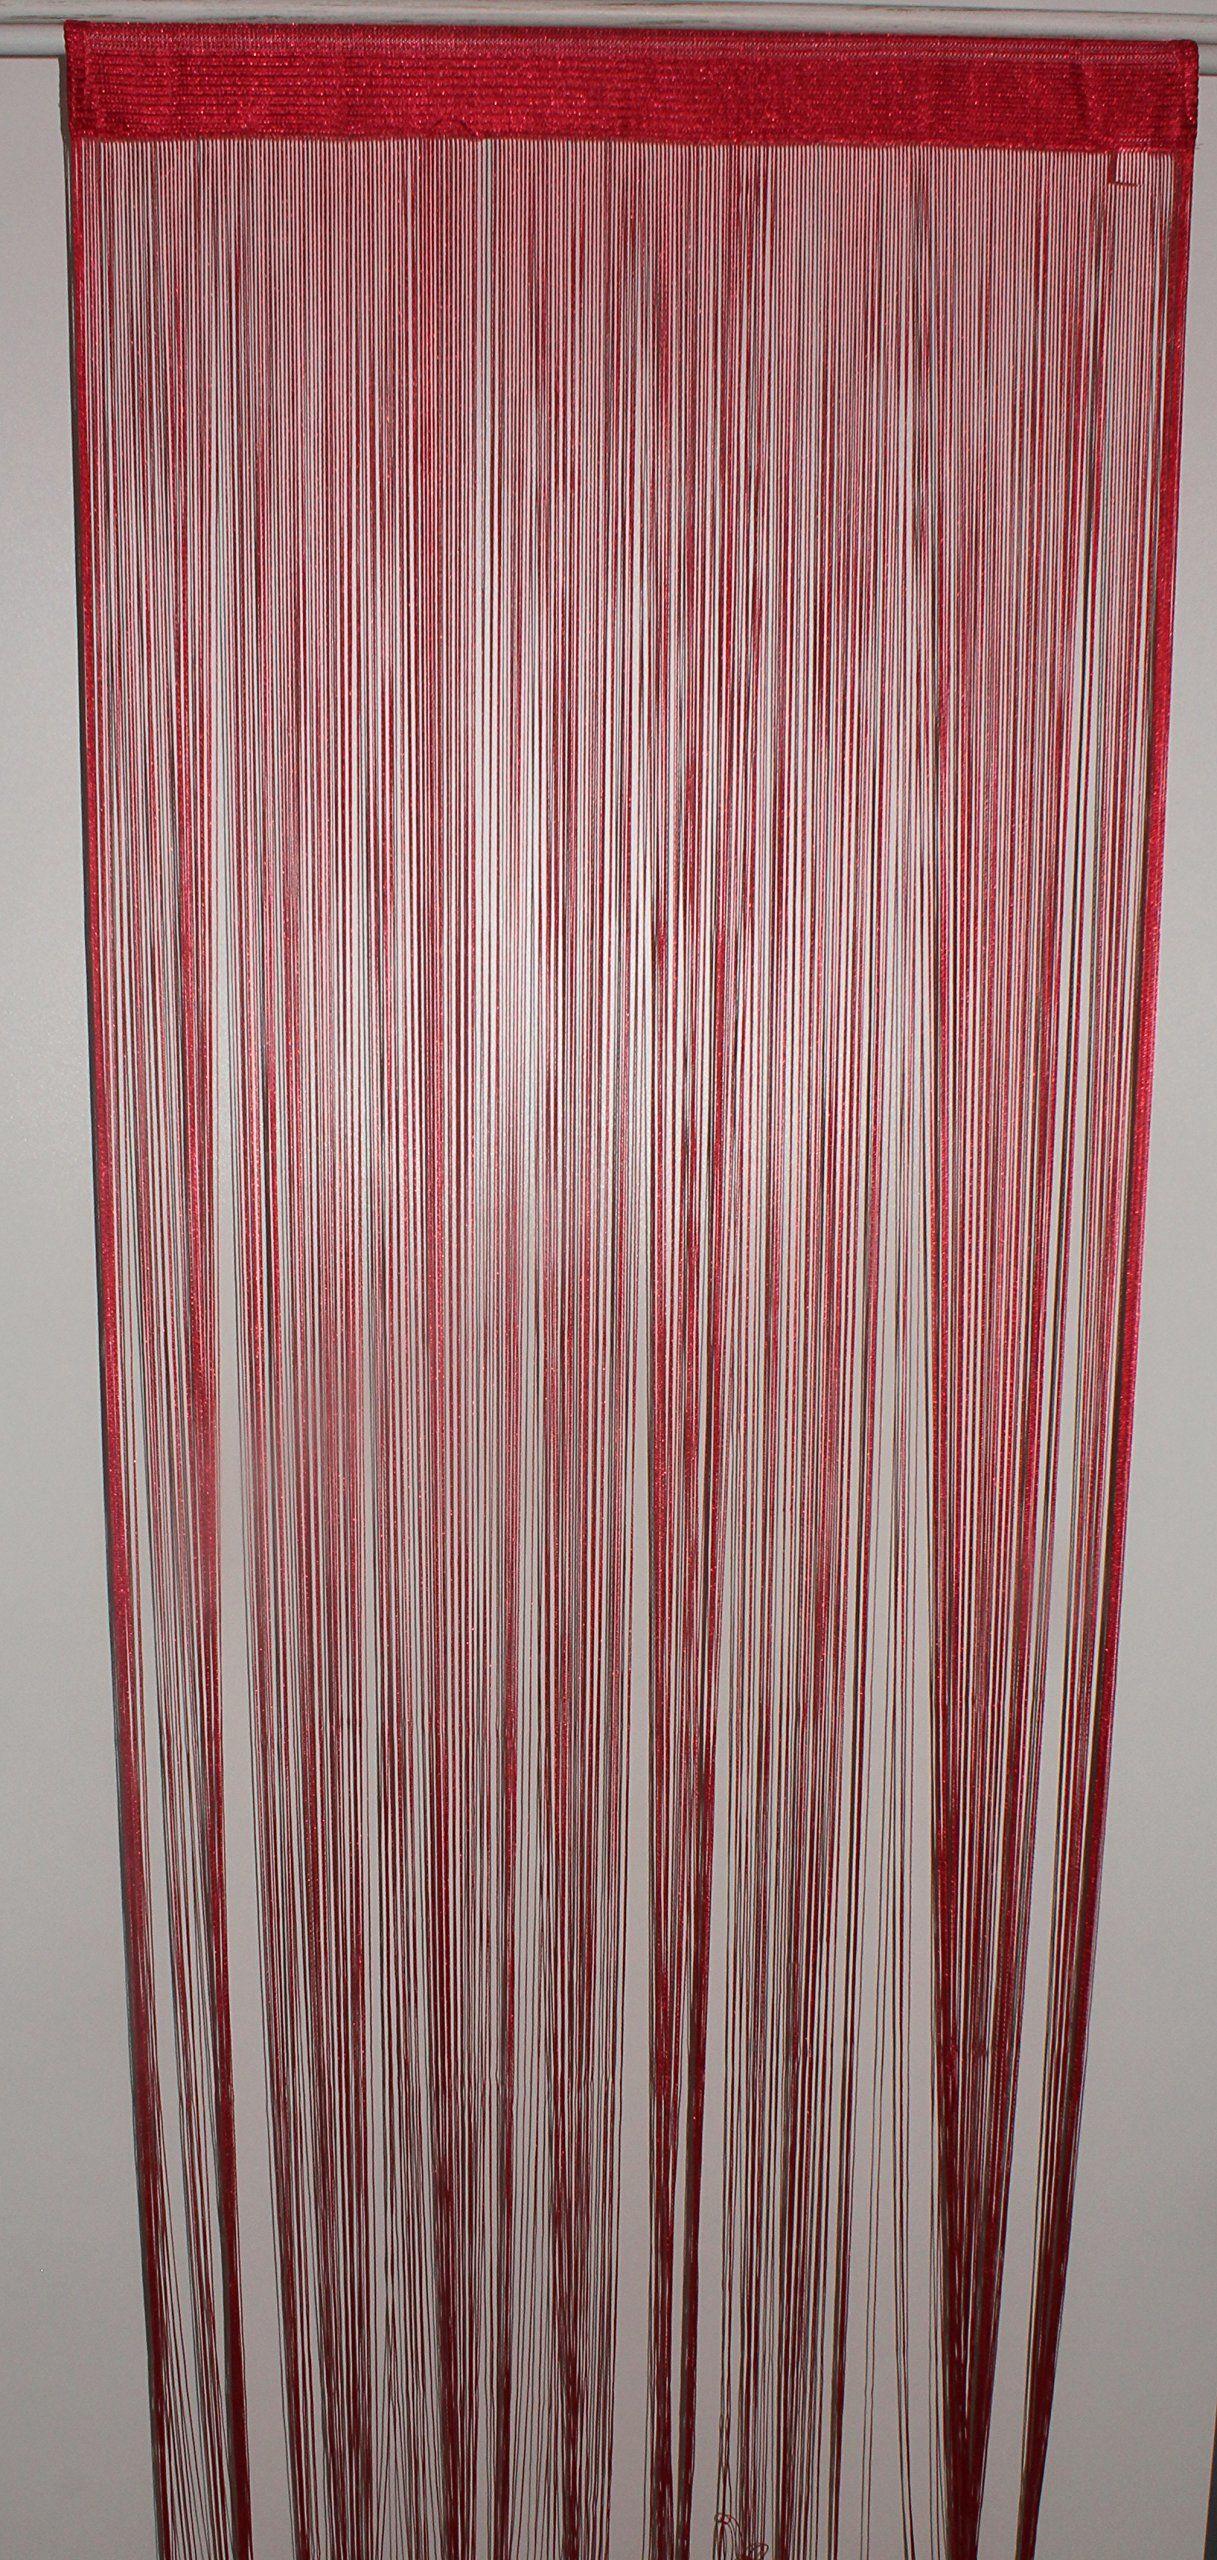 HomeMaison Zasłona sznurkowa, czerwona, 90 x 240 cm